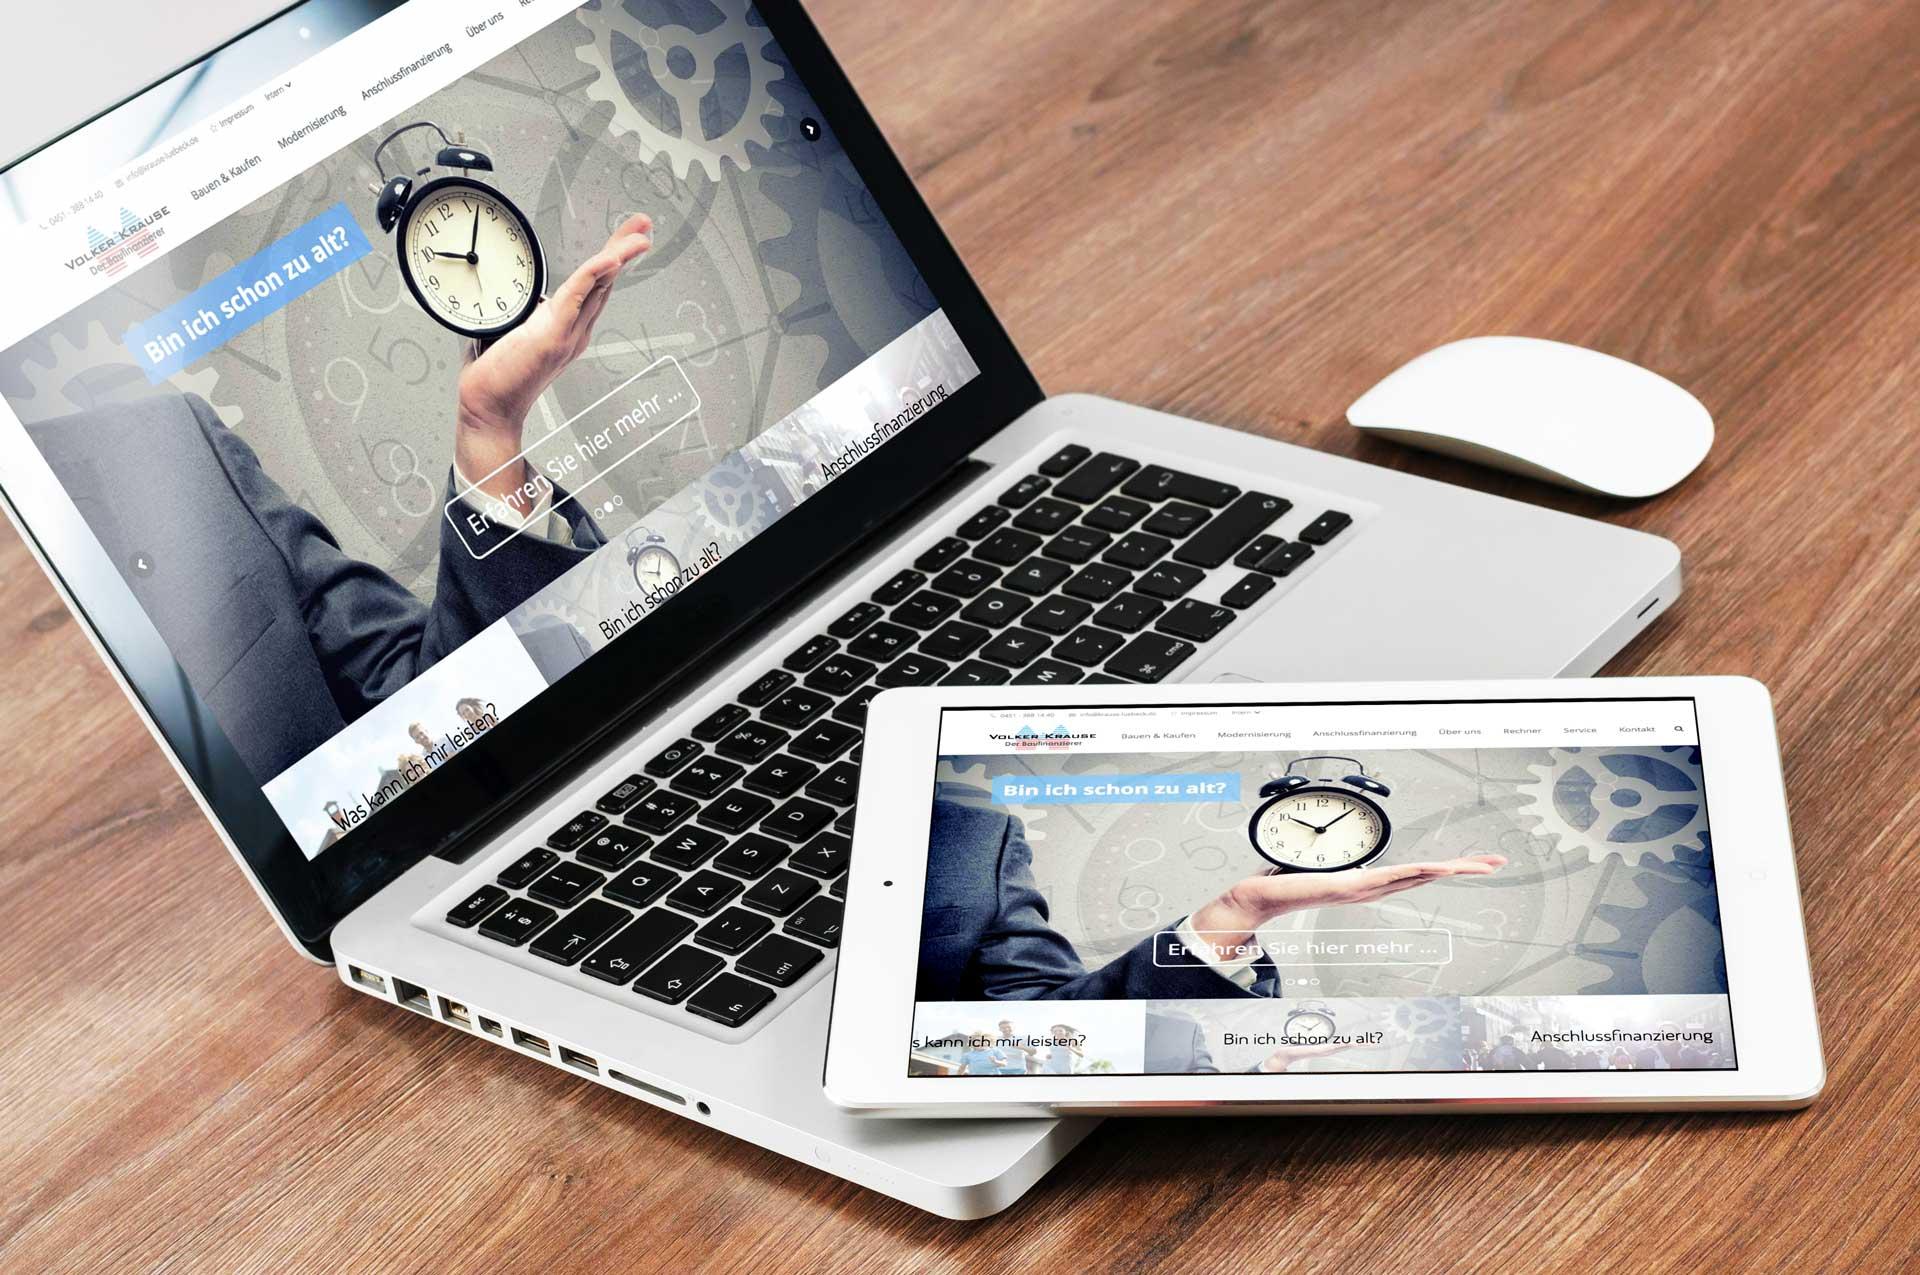 Internetseite Der Baufinanzierer - Volker Krause